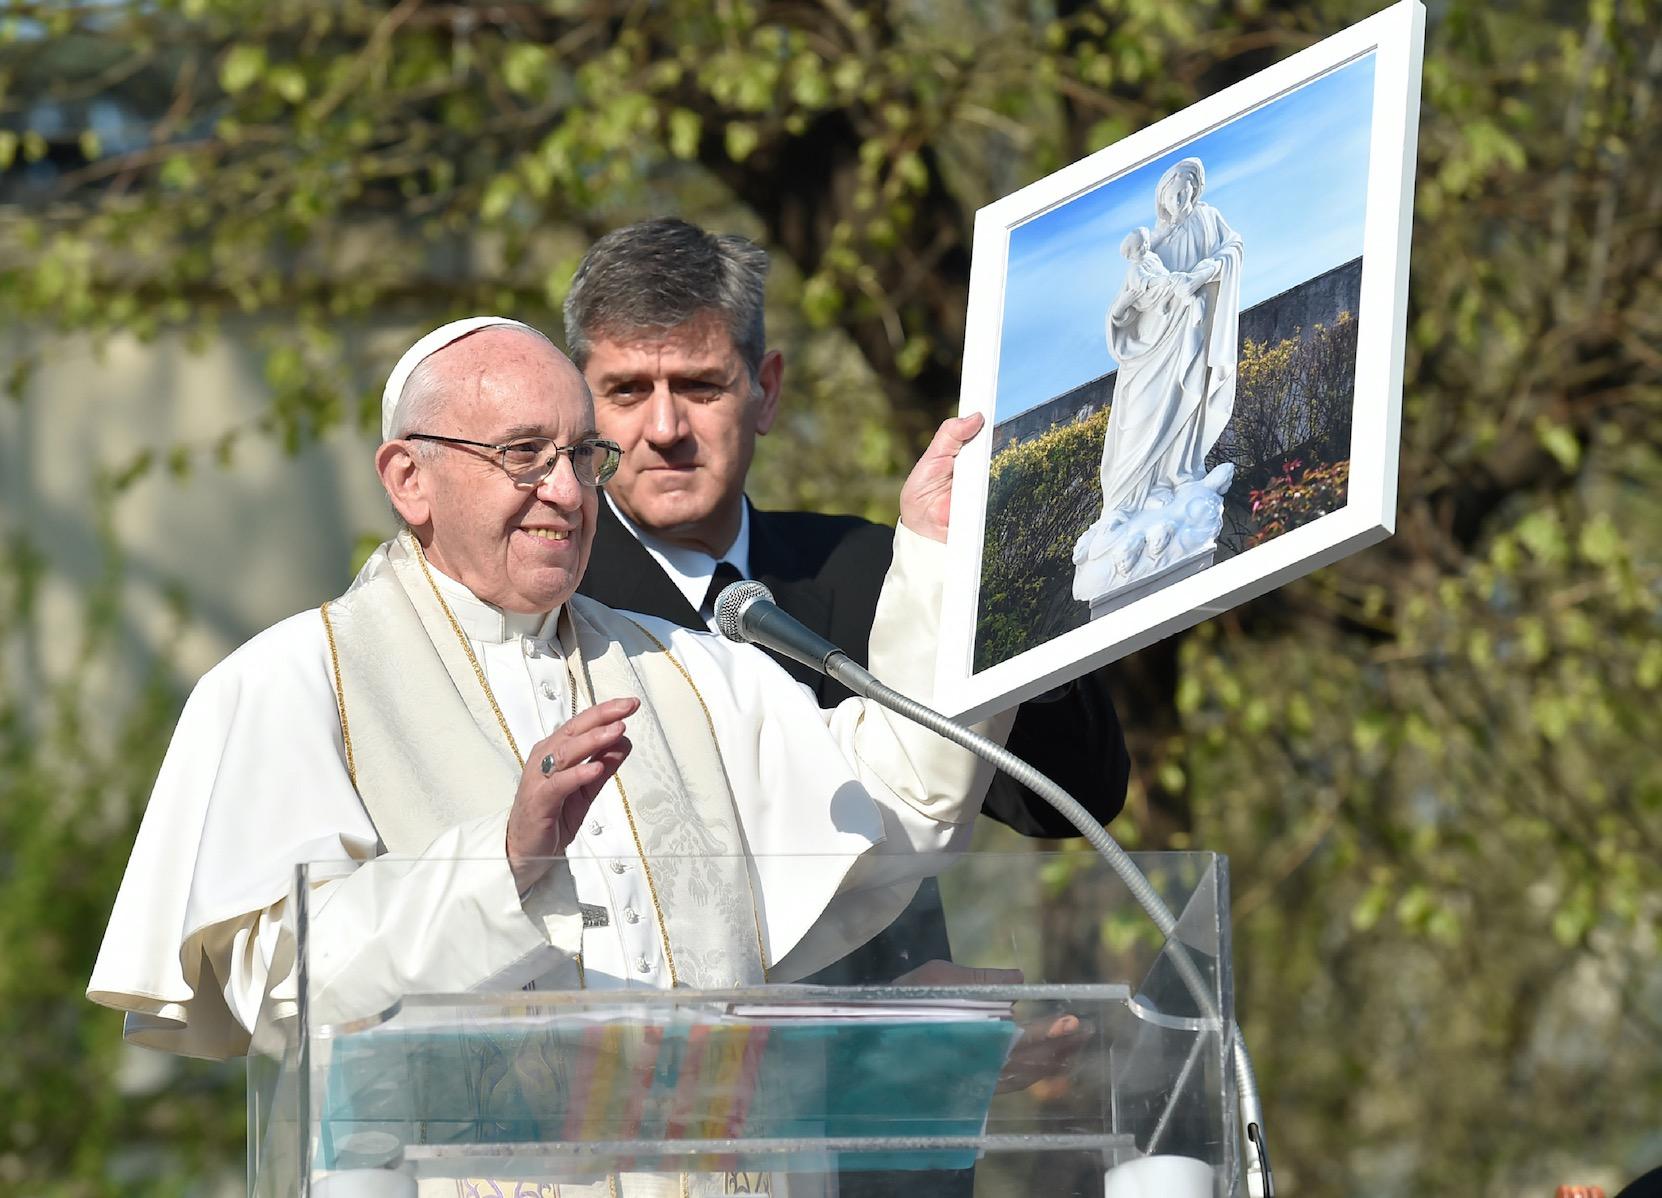 El Papa en Milán en la periferia 'Case Bianche' (Fto. Osservatore © Romano)